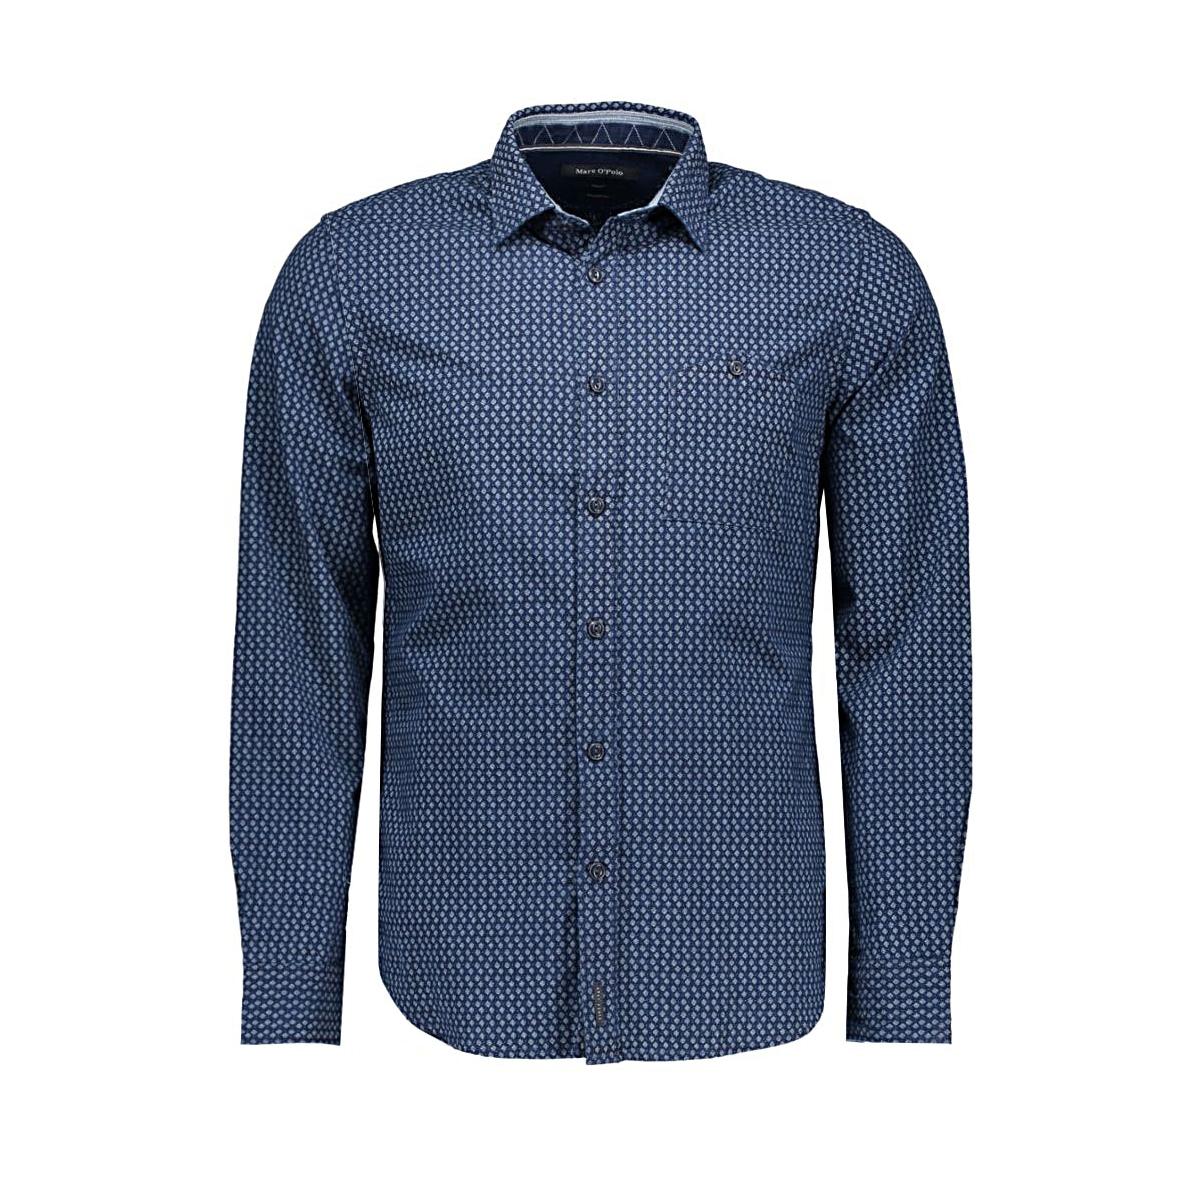 627 0948 4284 marc o`polo overhemd a89